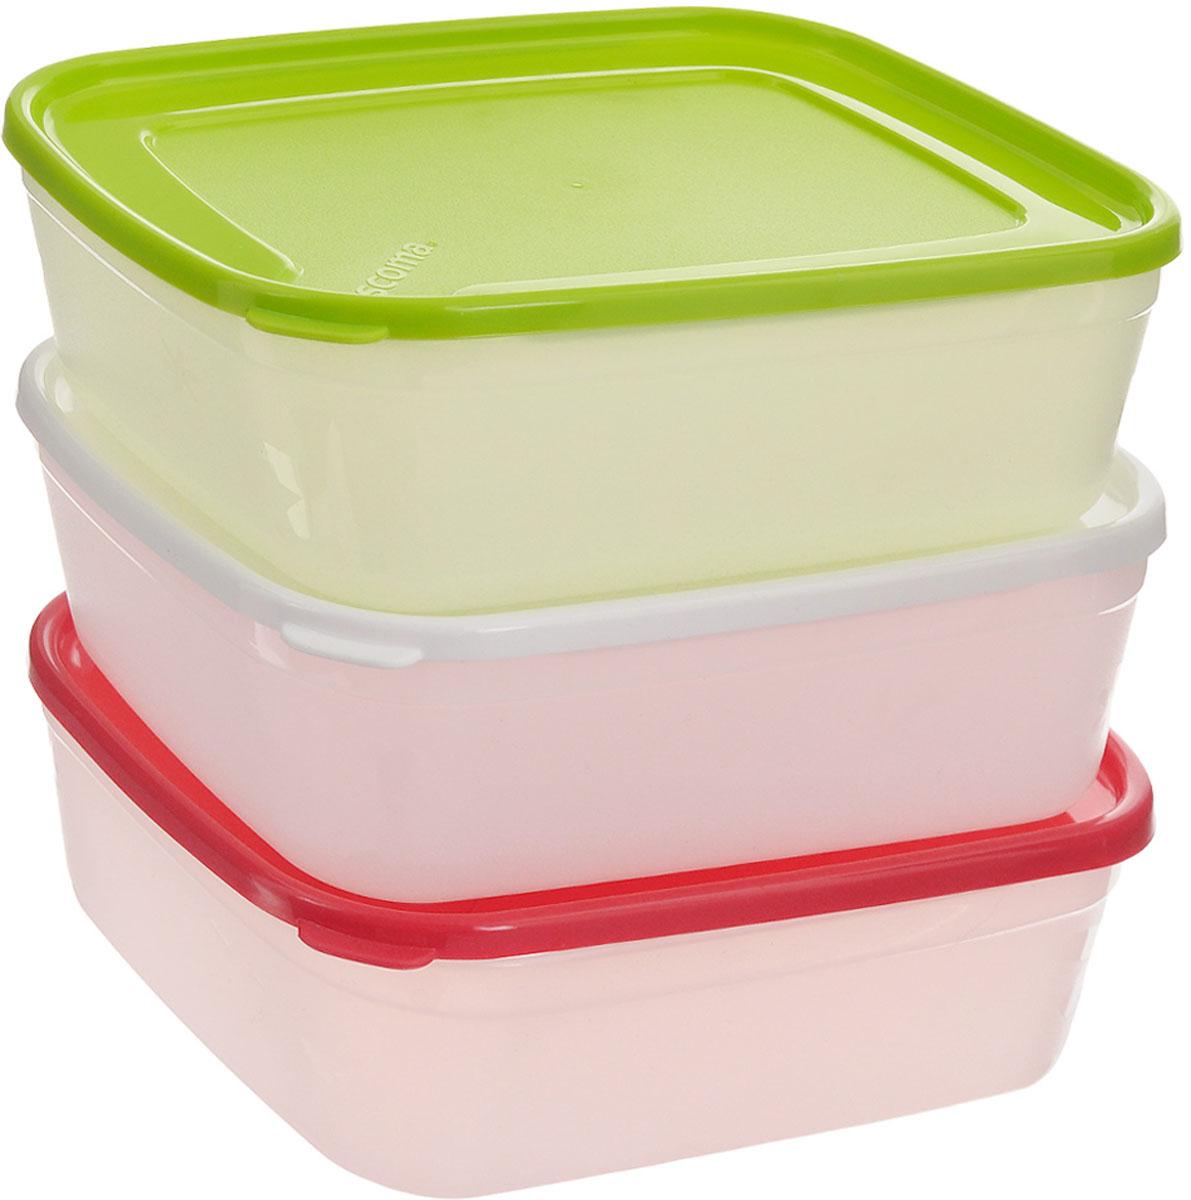 Набор контейнеров для заморозки Tescoma Purity, 1 л, 3 шт891864Набор Tescoma Purity, выполненный из высококачественногопищевого пластика, состоит из трех контейнеров с плотнозакрывающимися цветными крышками. Изделия отличноподходят для хранения продуктов в морозильнойкамере или холодильнике. Контейнеры удобно складываютсядруг в друга, что экономитпространство при хранении в шкафу. Пригодны для морозильников, холодильников, микроволновыхпечей. При использовании в микроволновой печи всегдаоставляйте крышку приоткрытой.Можно мыть в посудомоечной машине.Объем контейнера: 1 л. Размер контейнера (без учета крышки): 17 х 13 х 6,7 см.